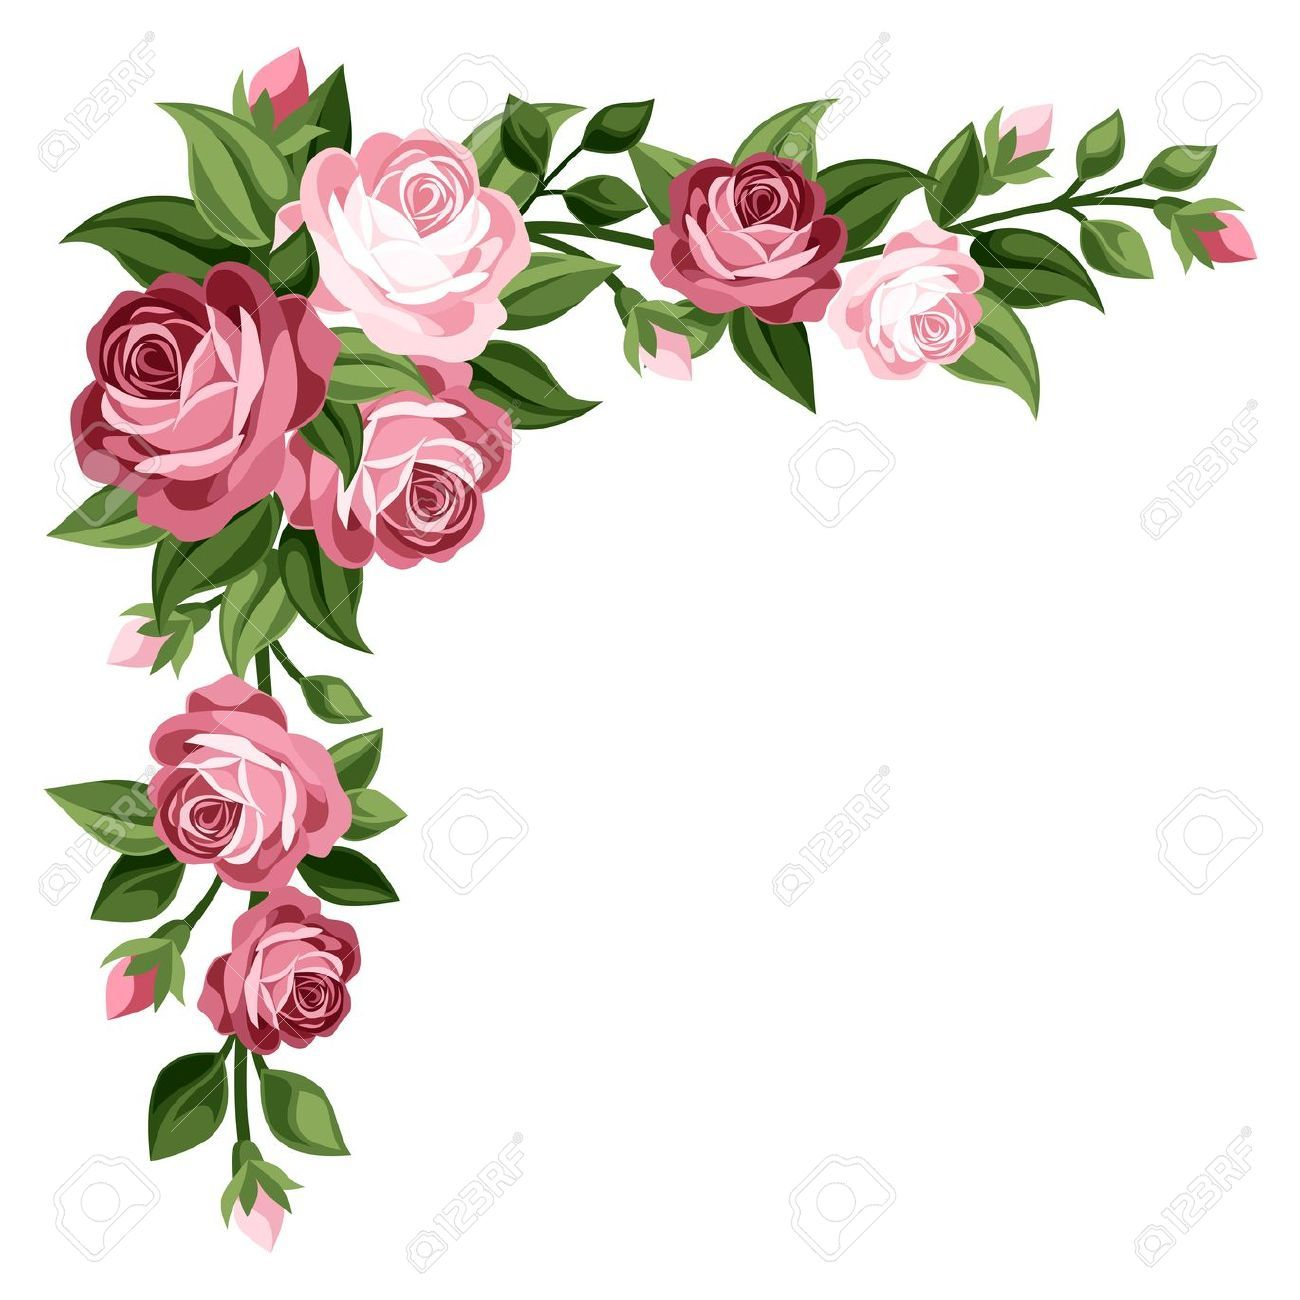 Border flower clipart free Rose Flower Border Clipart | Tags | Flower border clipart, Vintage ... free